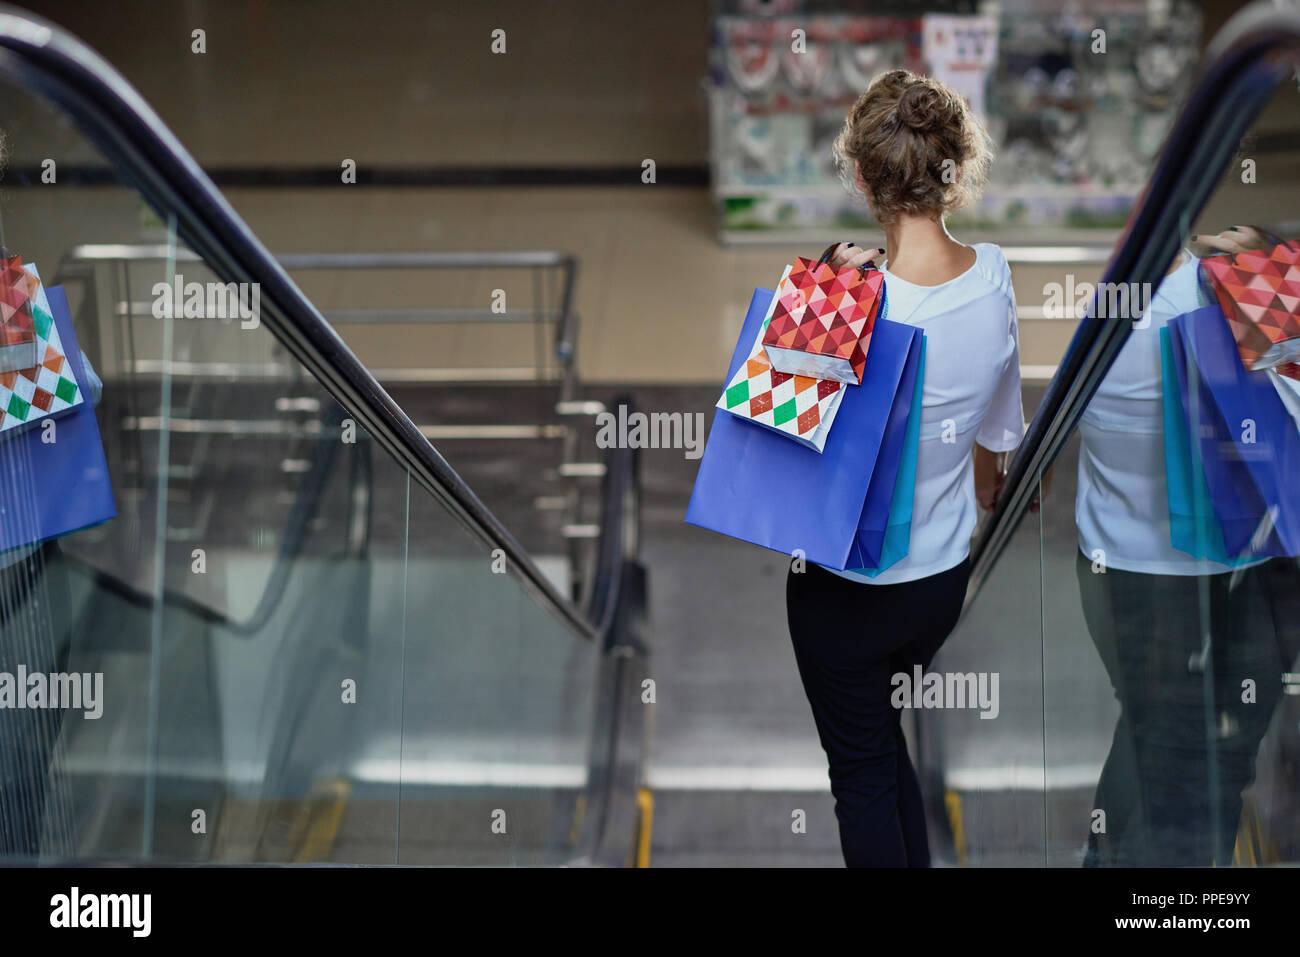 Vue de l'arrière de la clientèle féminine avec des sacs à la baisse sur l'escalator dans centre commercial. Dame bouclés bénéficiant de bonnes boutiques et des nouveaux achats. Concept de l'achat et le plaisir. Photo Stock